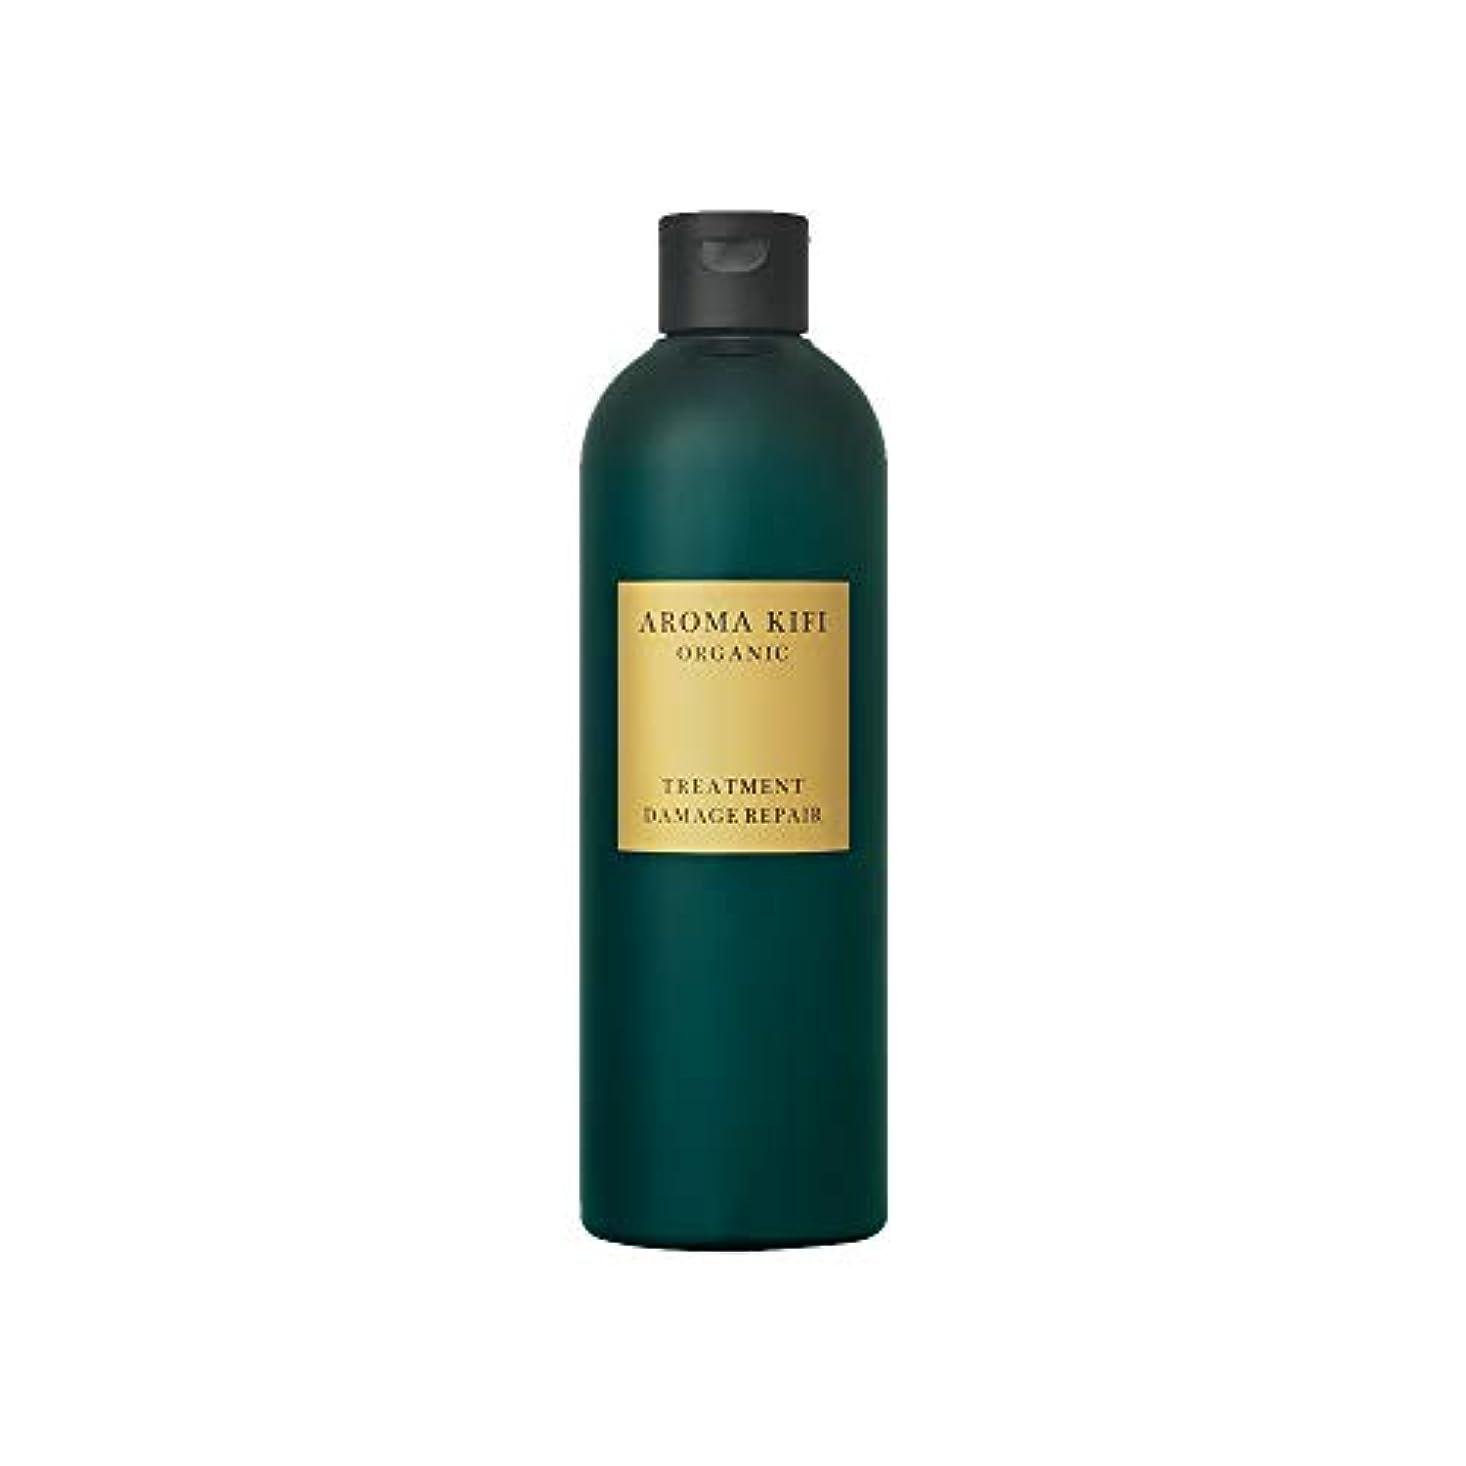 アロマキフィ オーガニック トリートメント 480ml 【ダメージリペア】サロン品質 ノンシリコン 無添加 パウダリーローズの香り